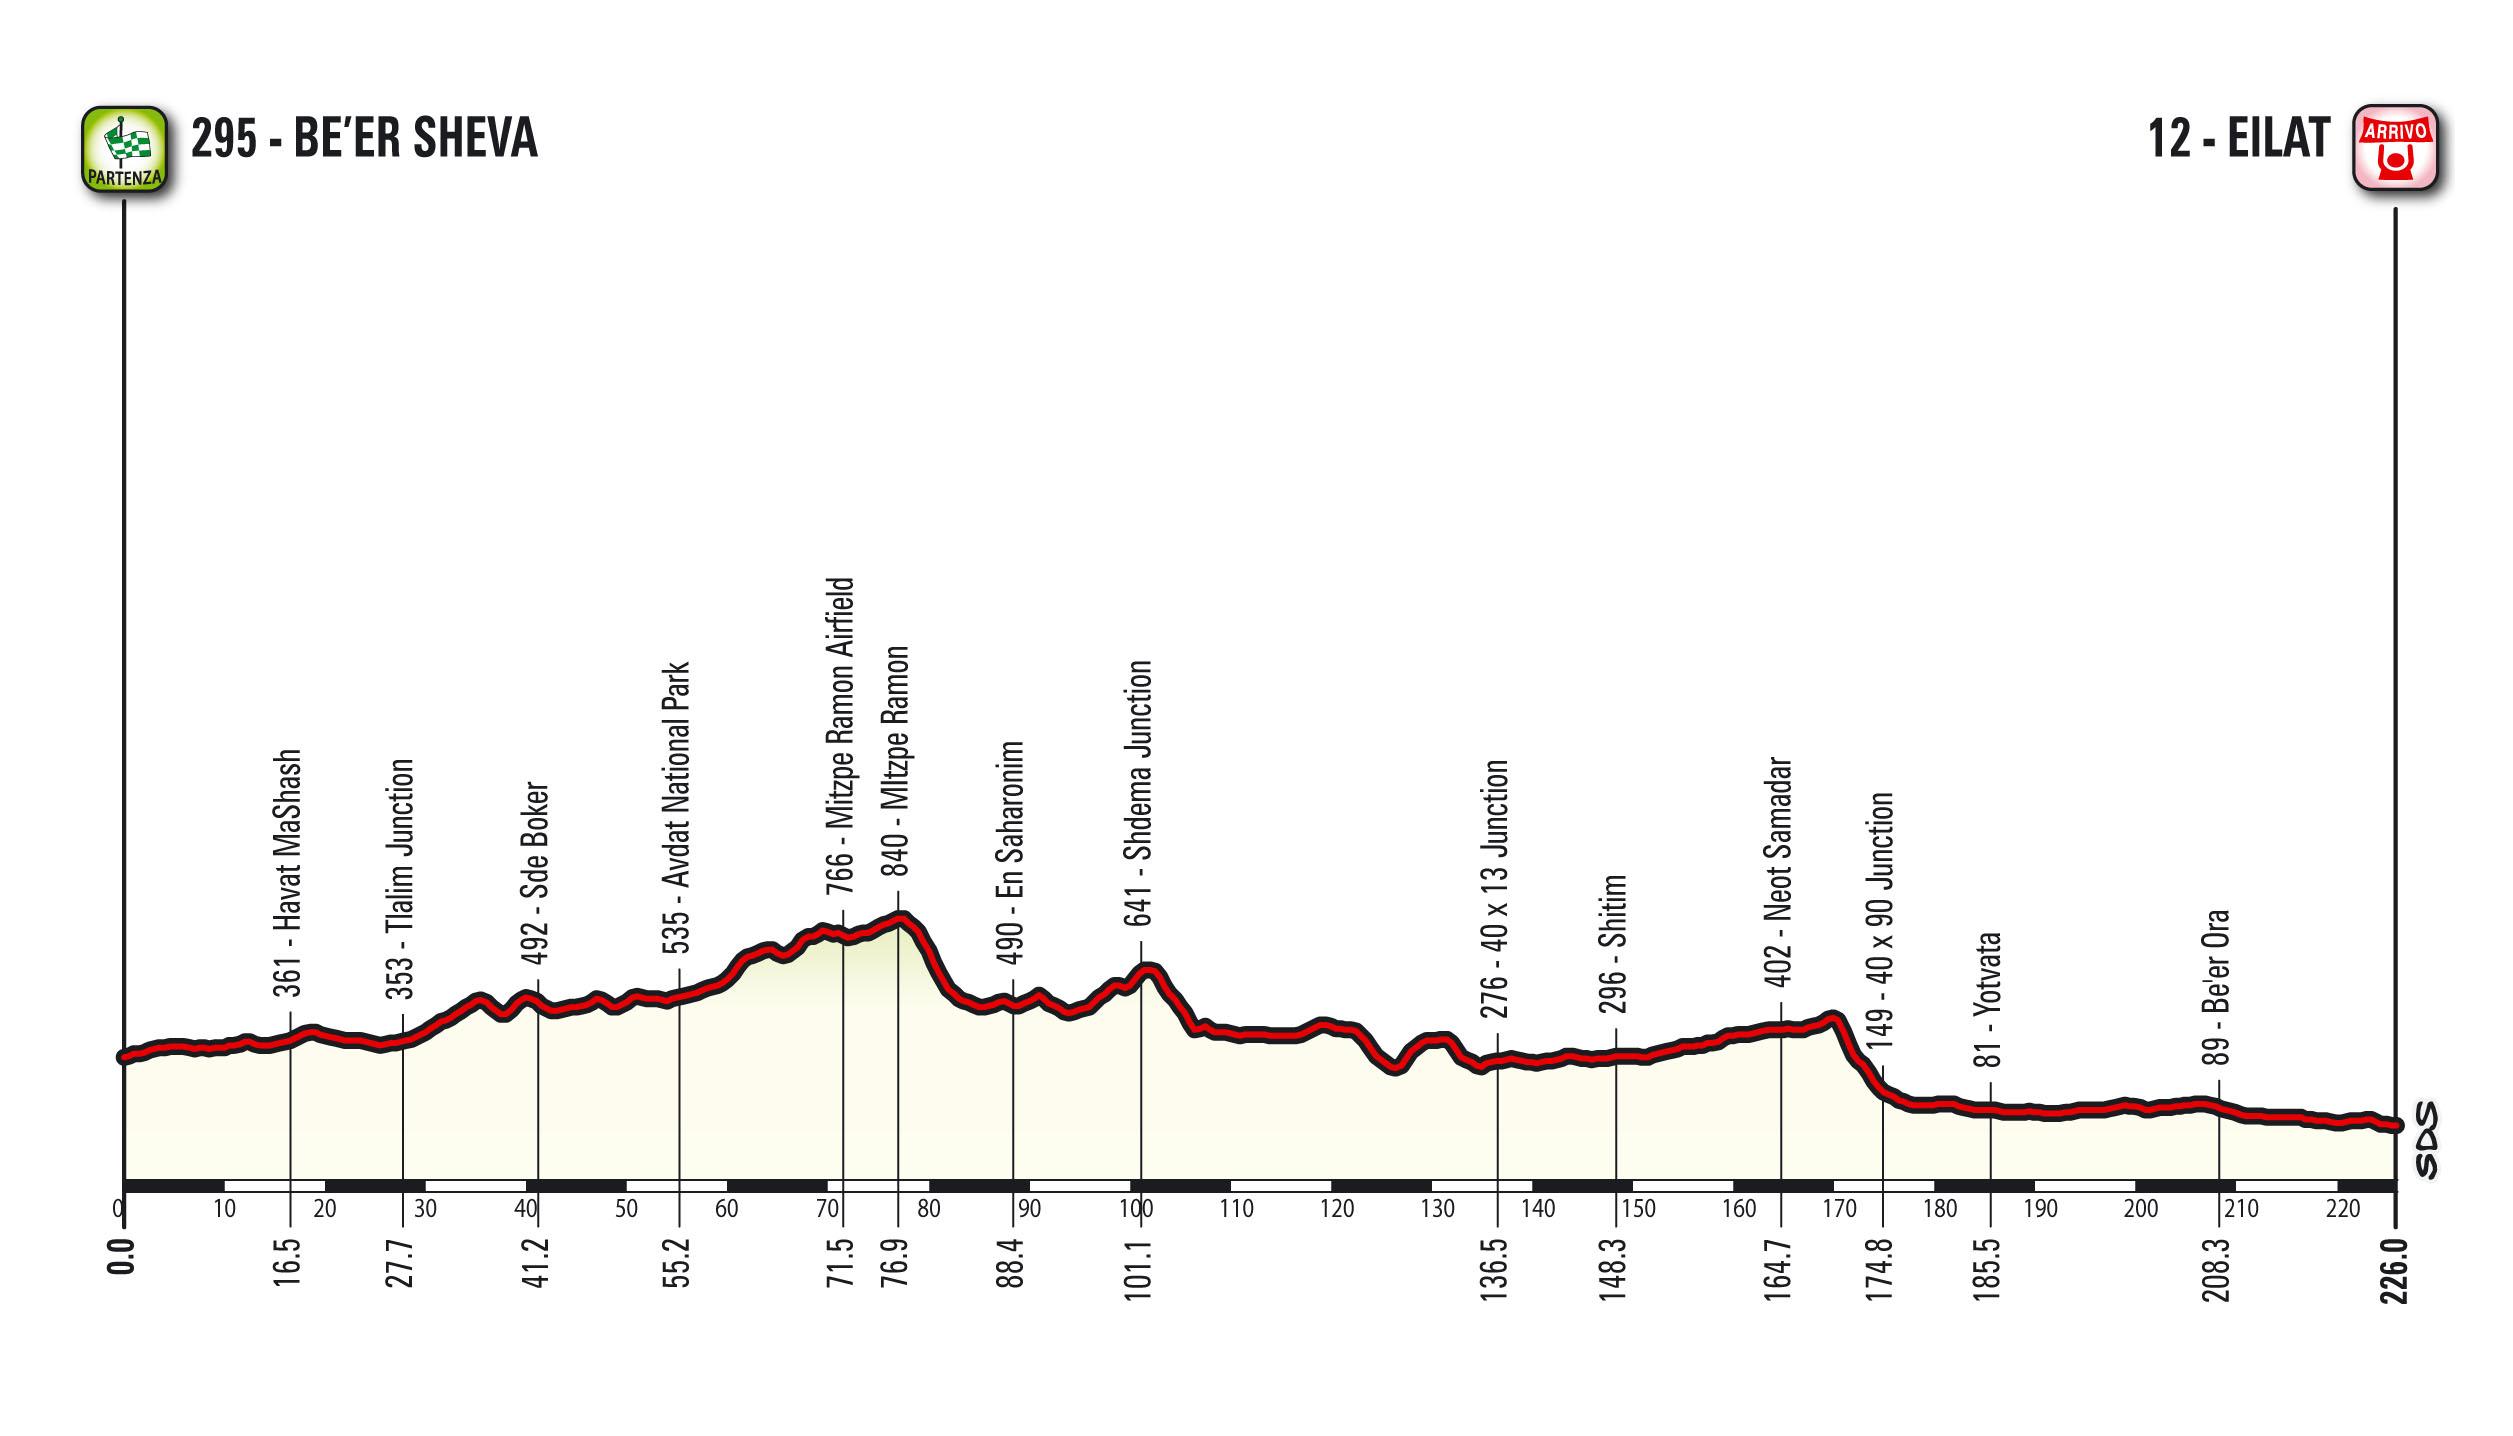 Etappe 3 Giro